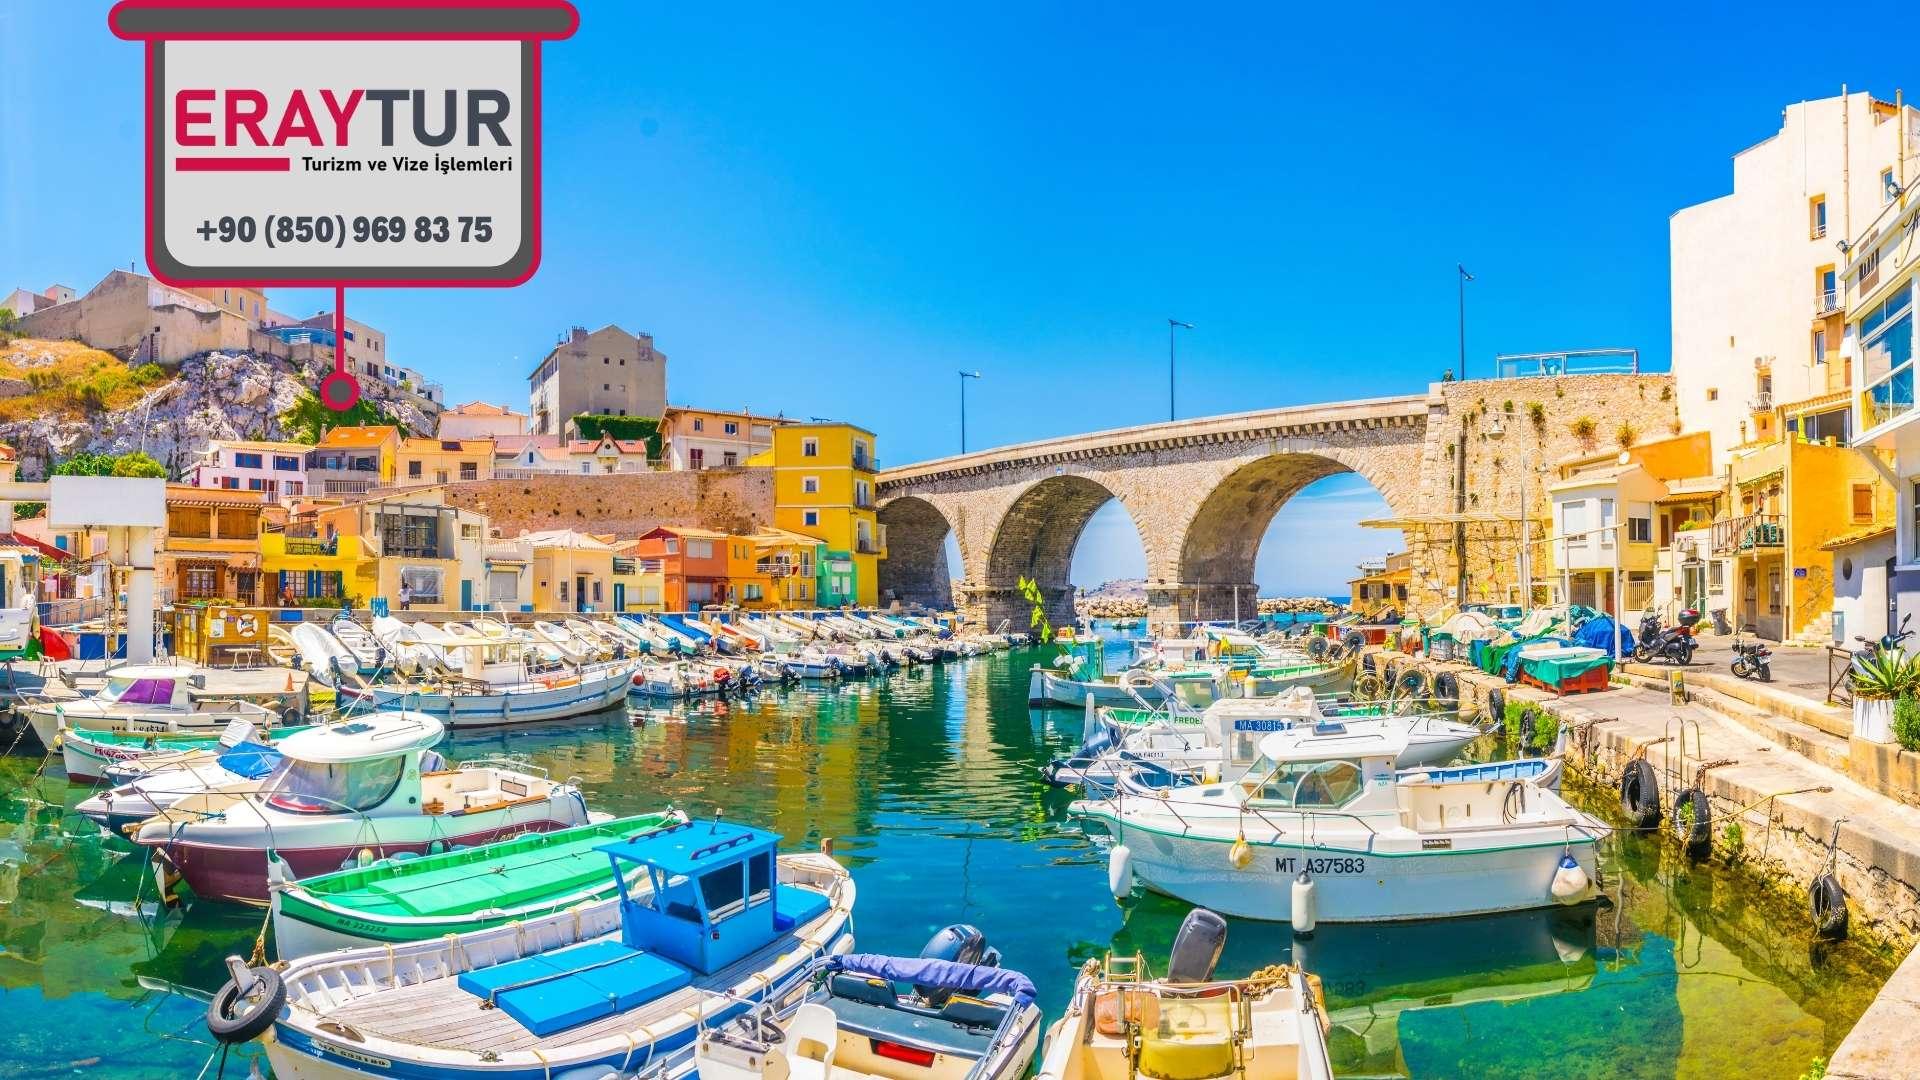 Fransa Turistik Vize Firma Çalışanı Evrakları